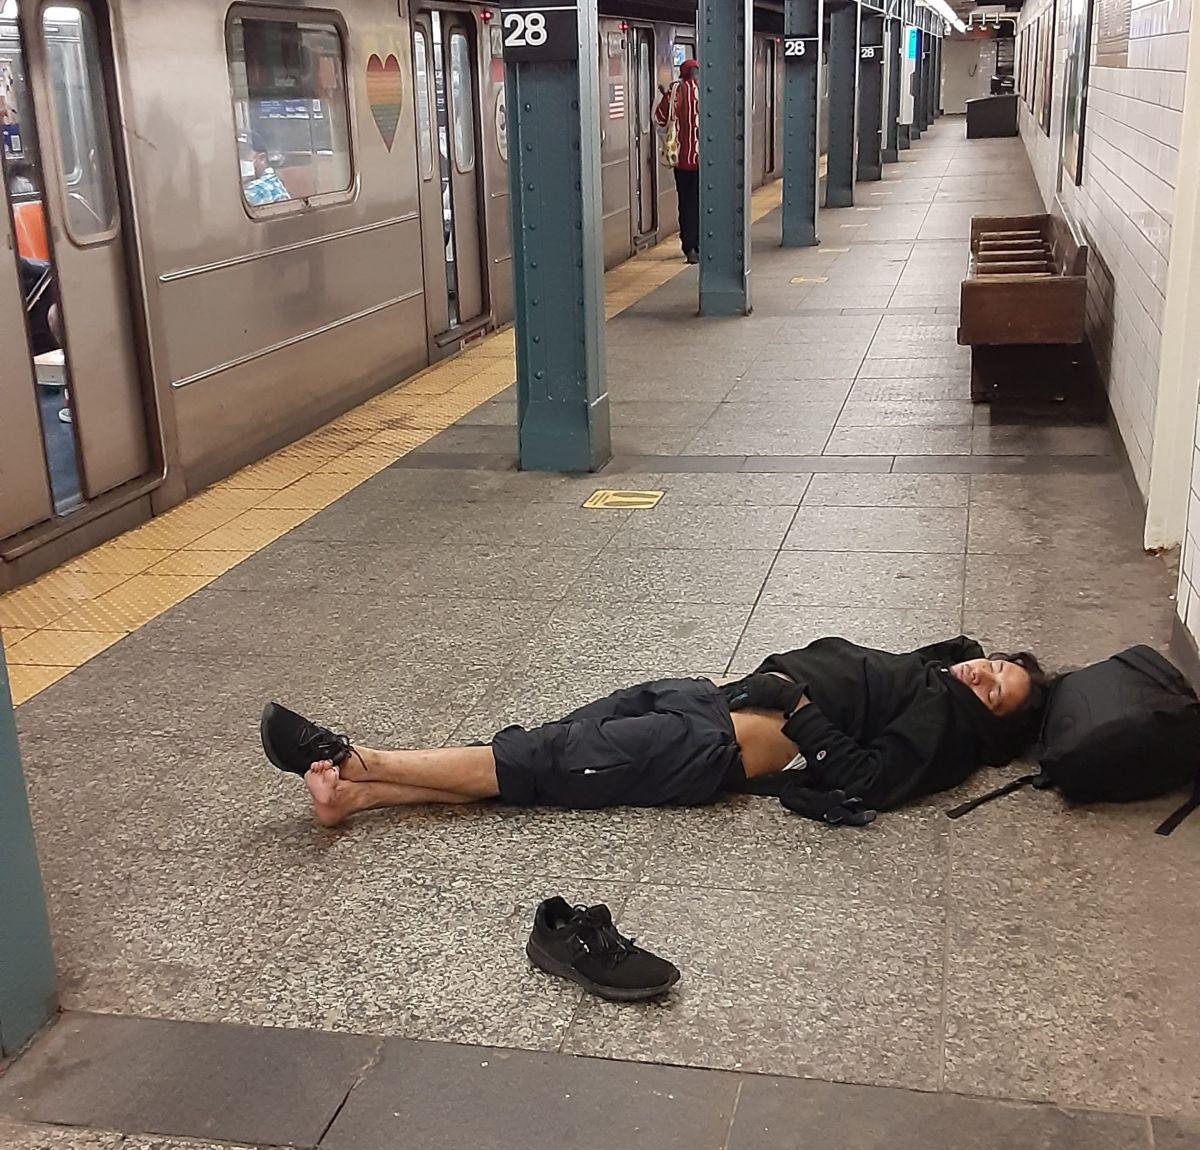 Metro de NYC, reflejo del deterioro de la ciudad.